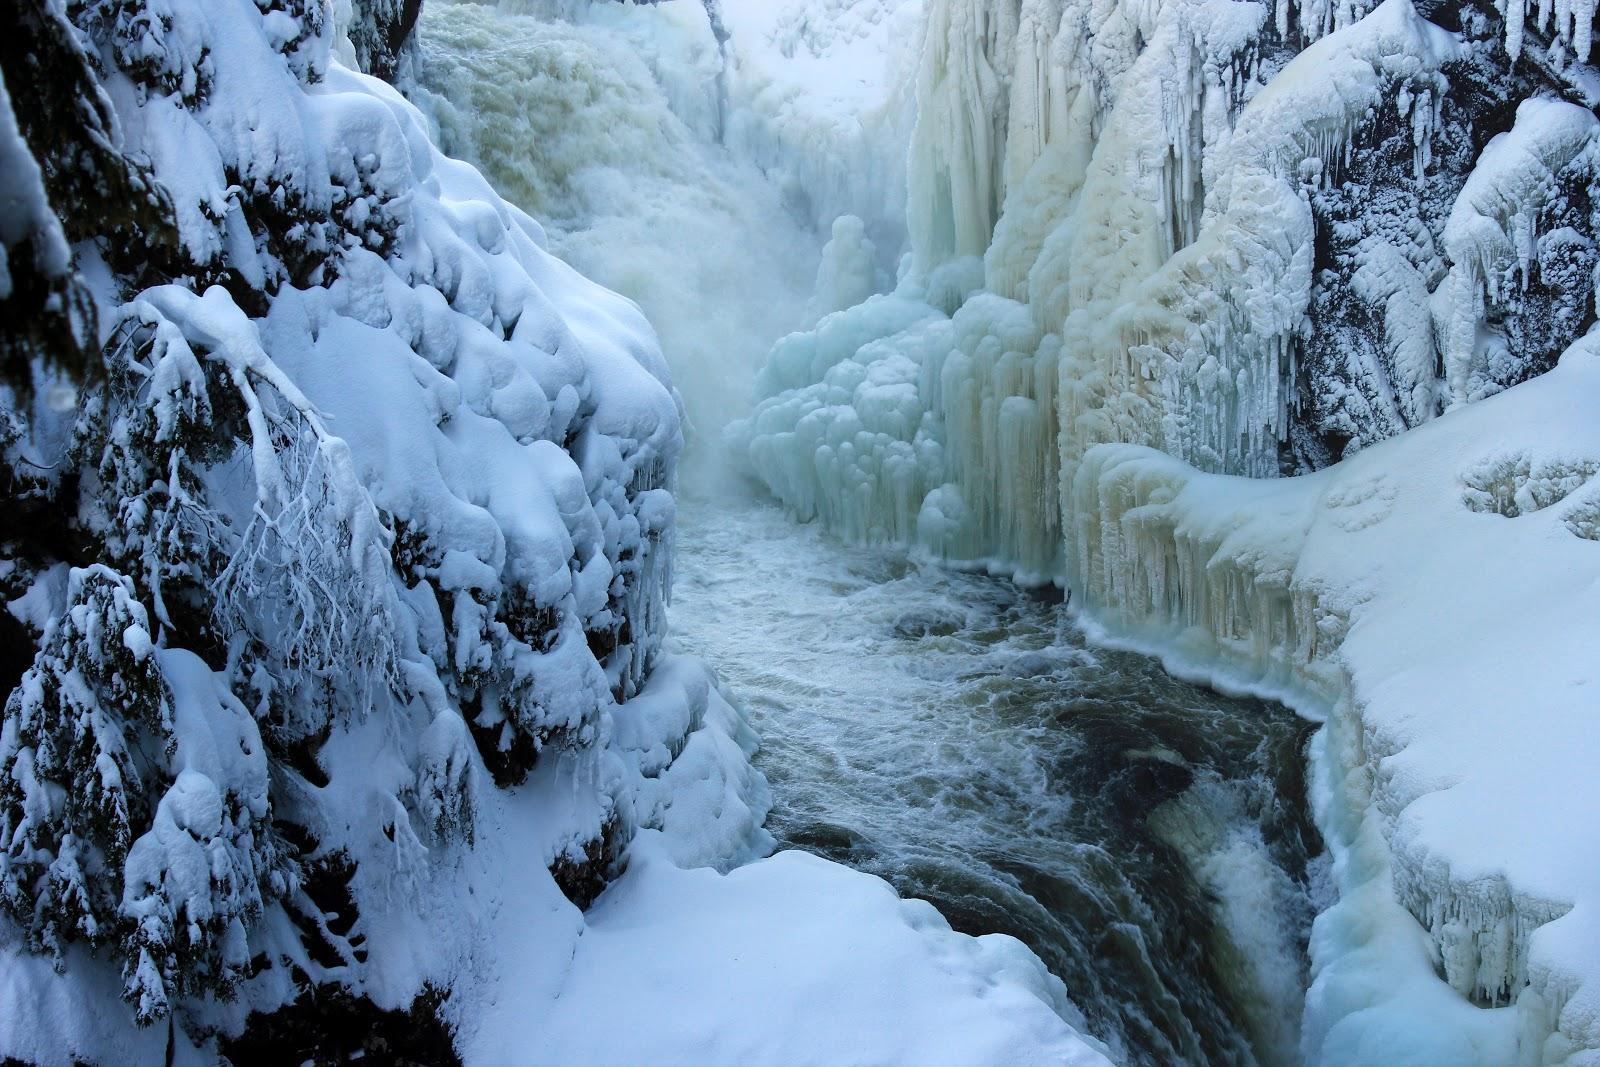 loulou blogue trotteuse photos paysages d 39 hiver au qu bec. Black Bedroom Furniture Sets. Home Design Ideas